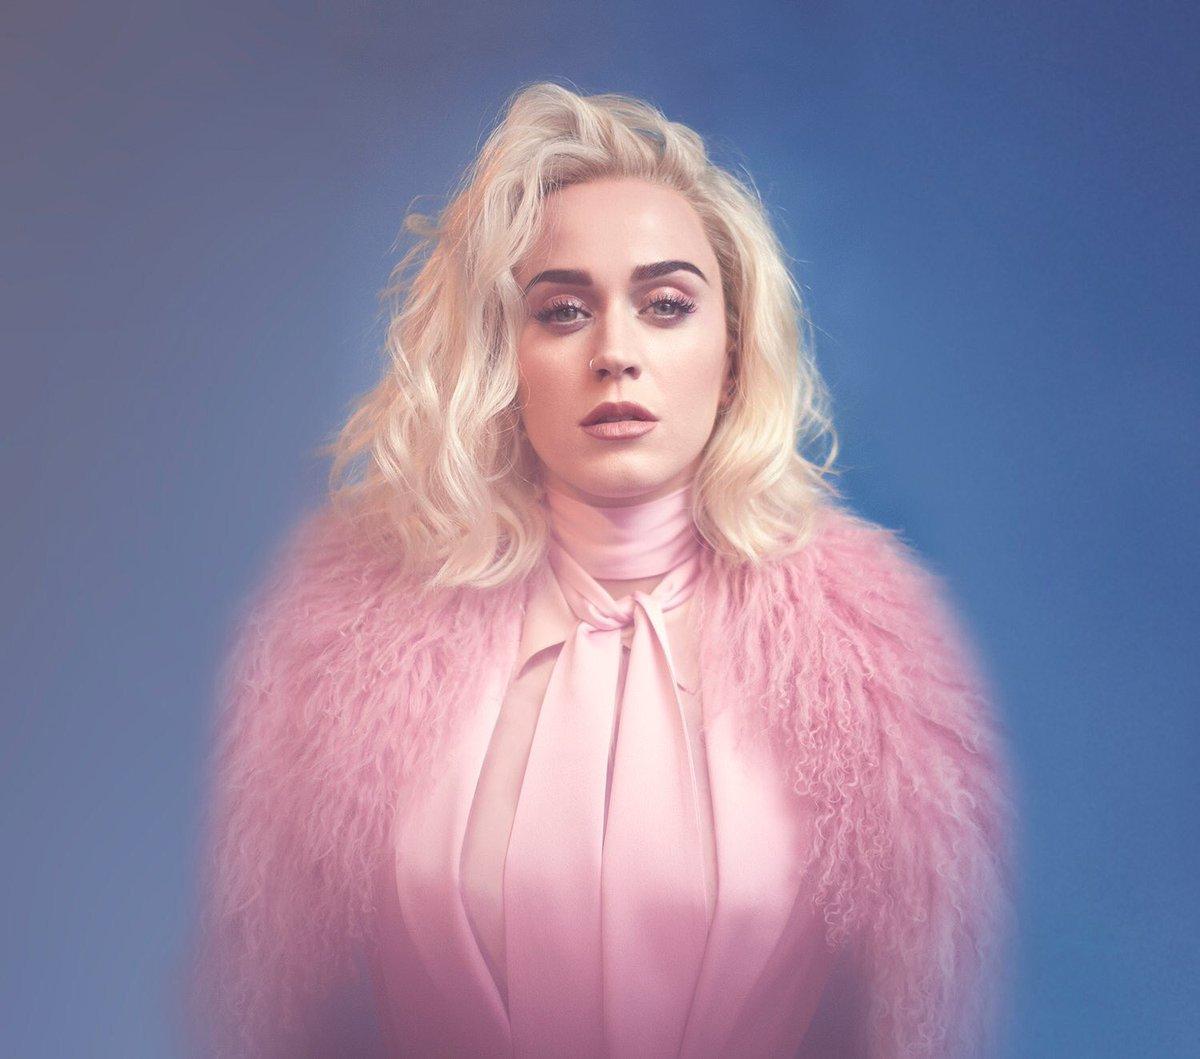 El radical cambio de estilo de Katy Perry